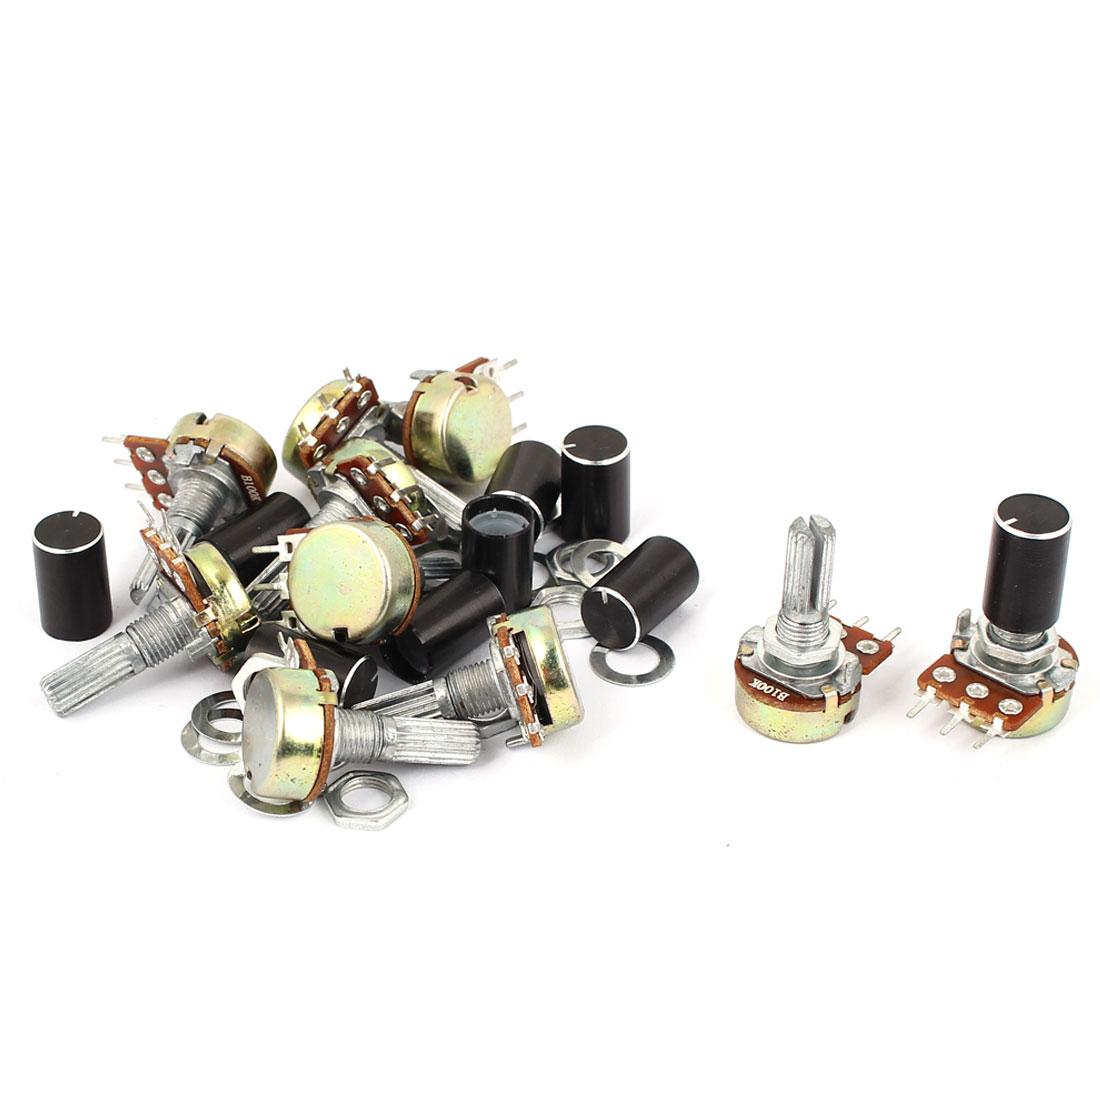 10pcs B100K Shaft 20mm 3 Terminal Single Linear Potentiometer Pot 100K Ohm